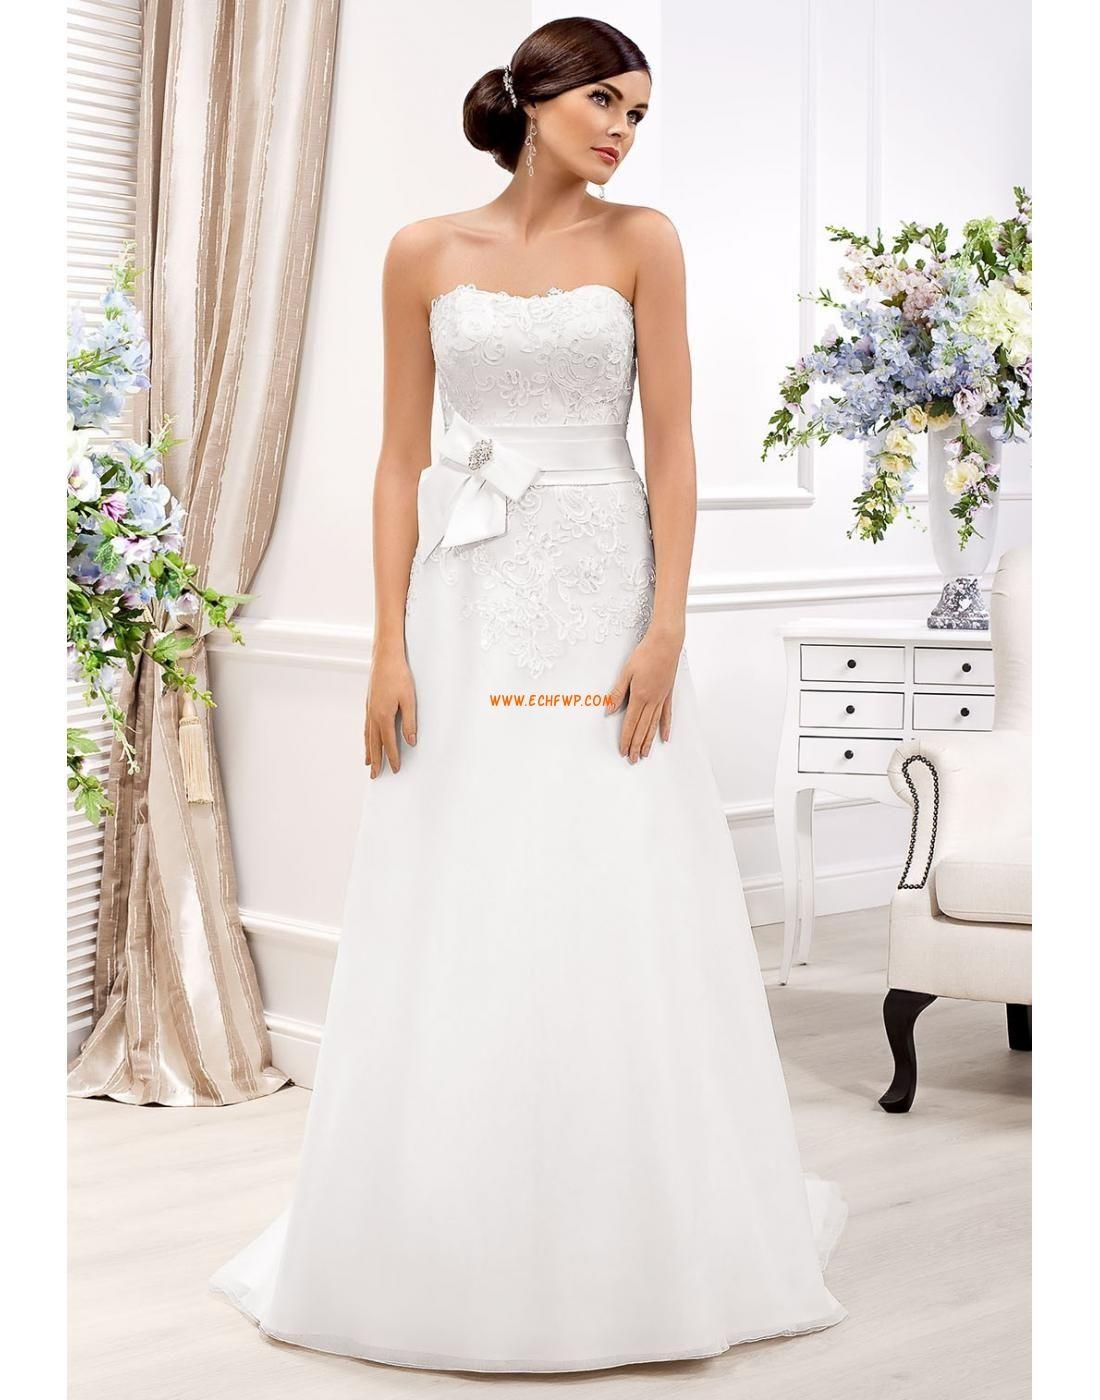 Hasta el Suelo Strapless Tallas pequeñas Vestido de Novia 2014